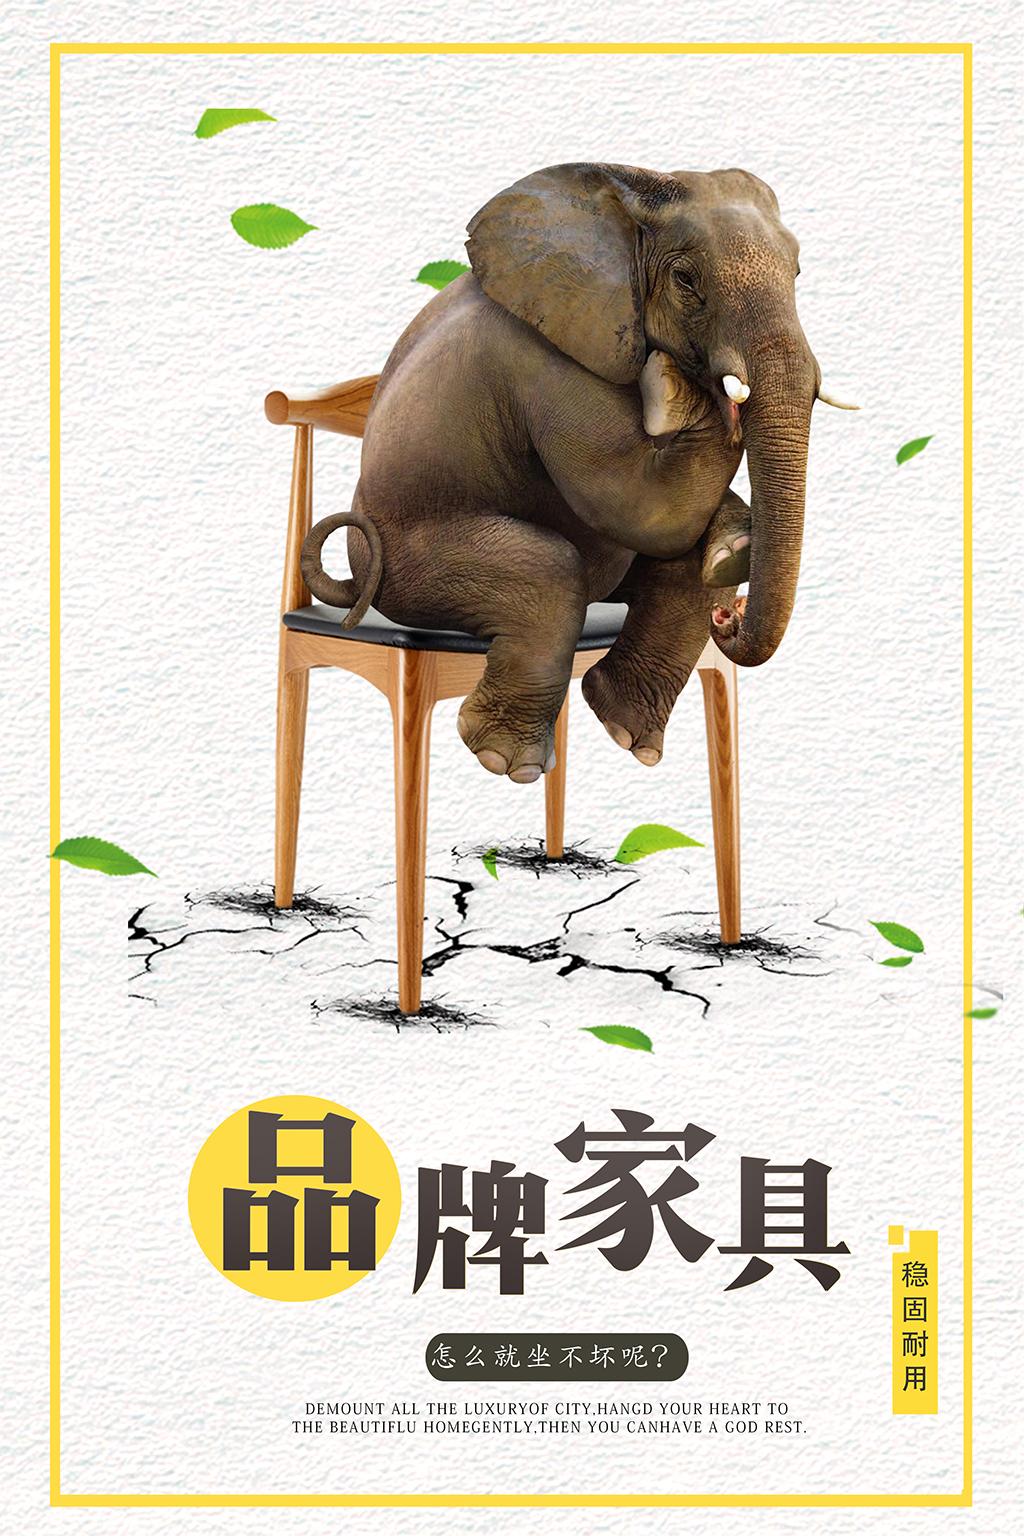 大象家具海报                                    家具动物创意海报